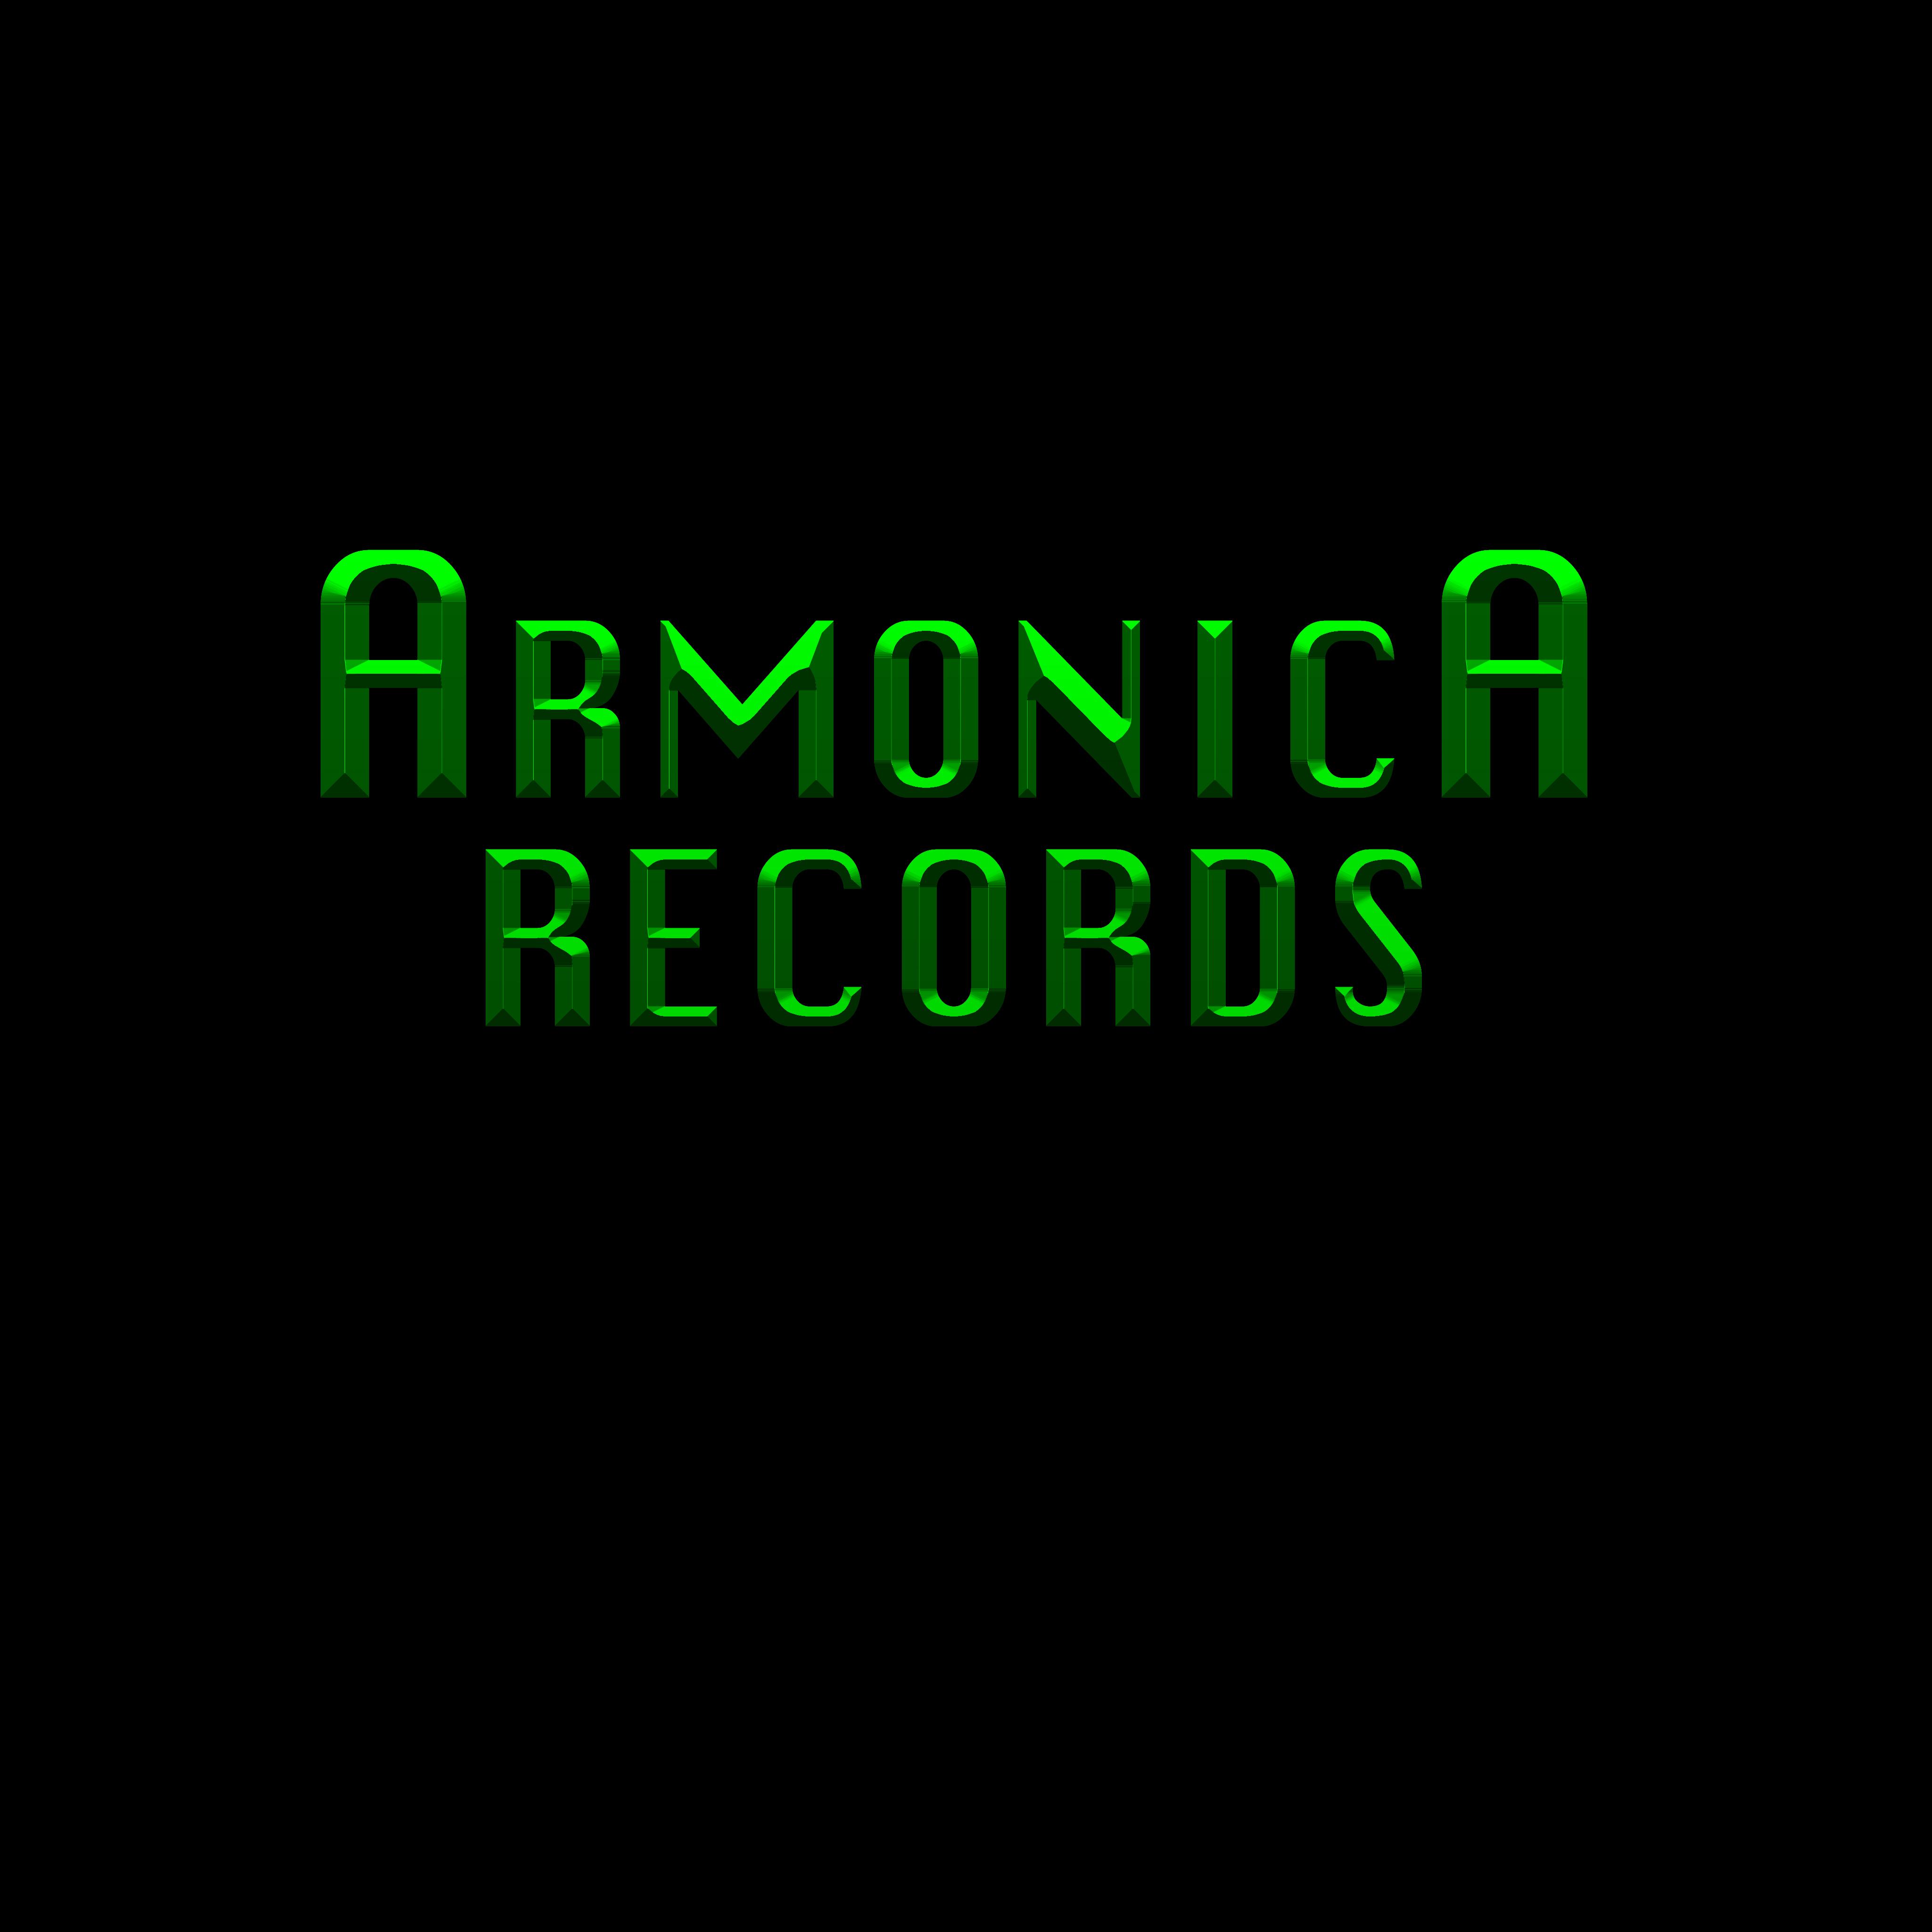 Armonica Records